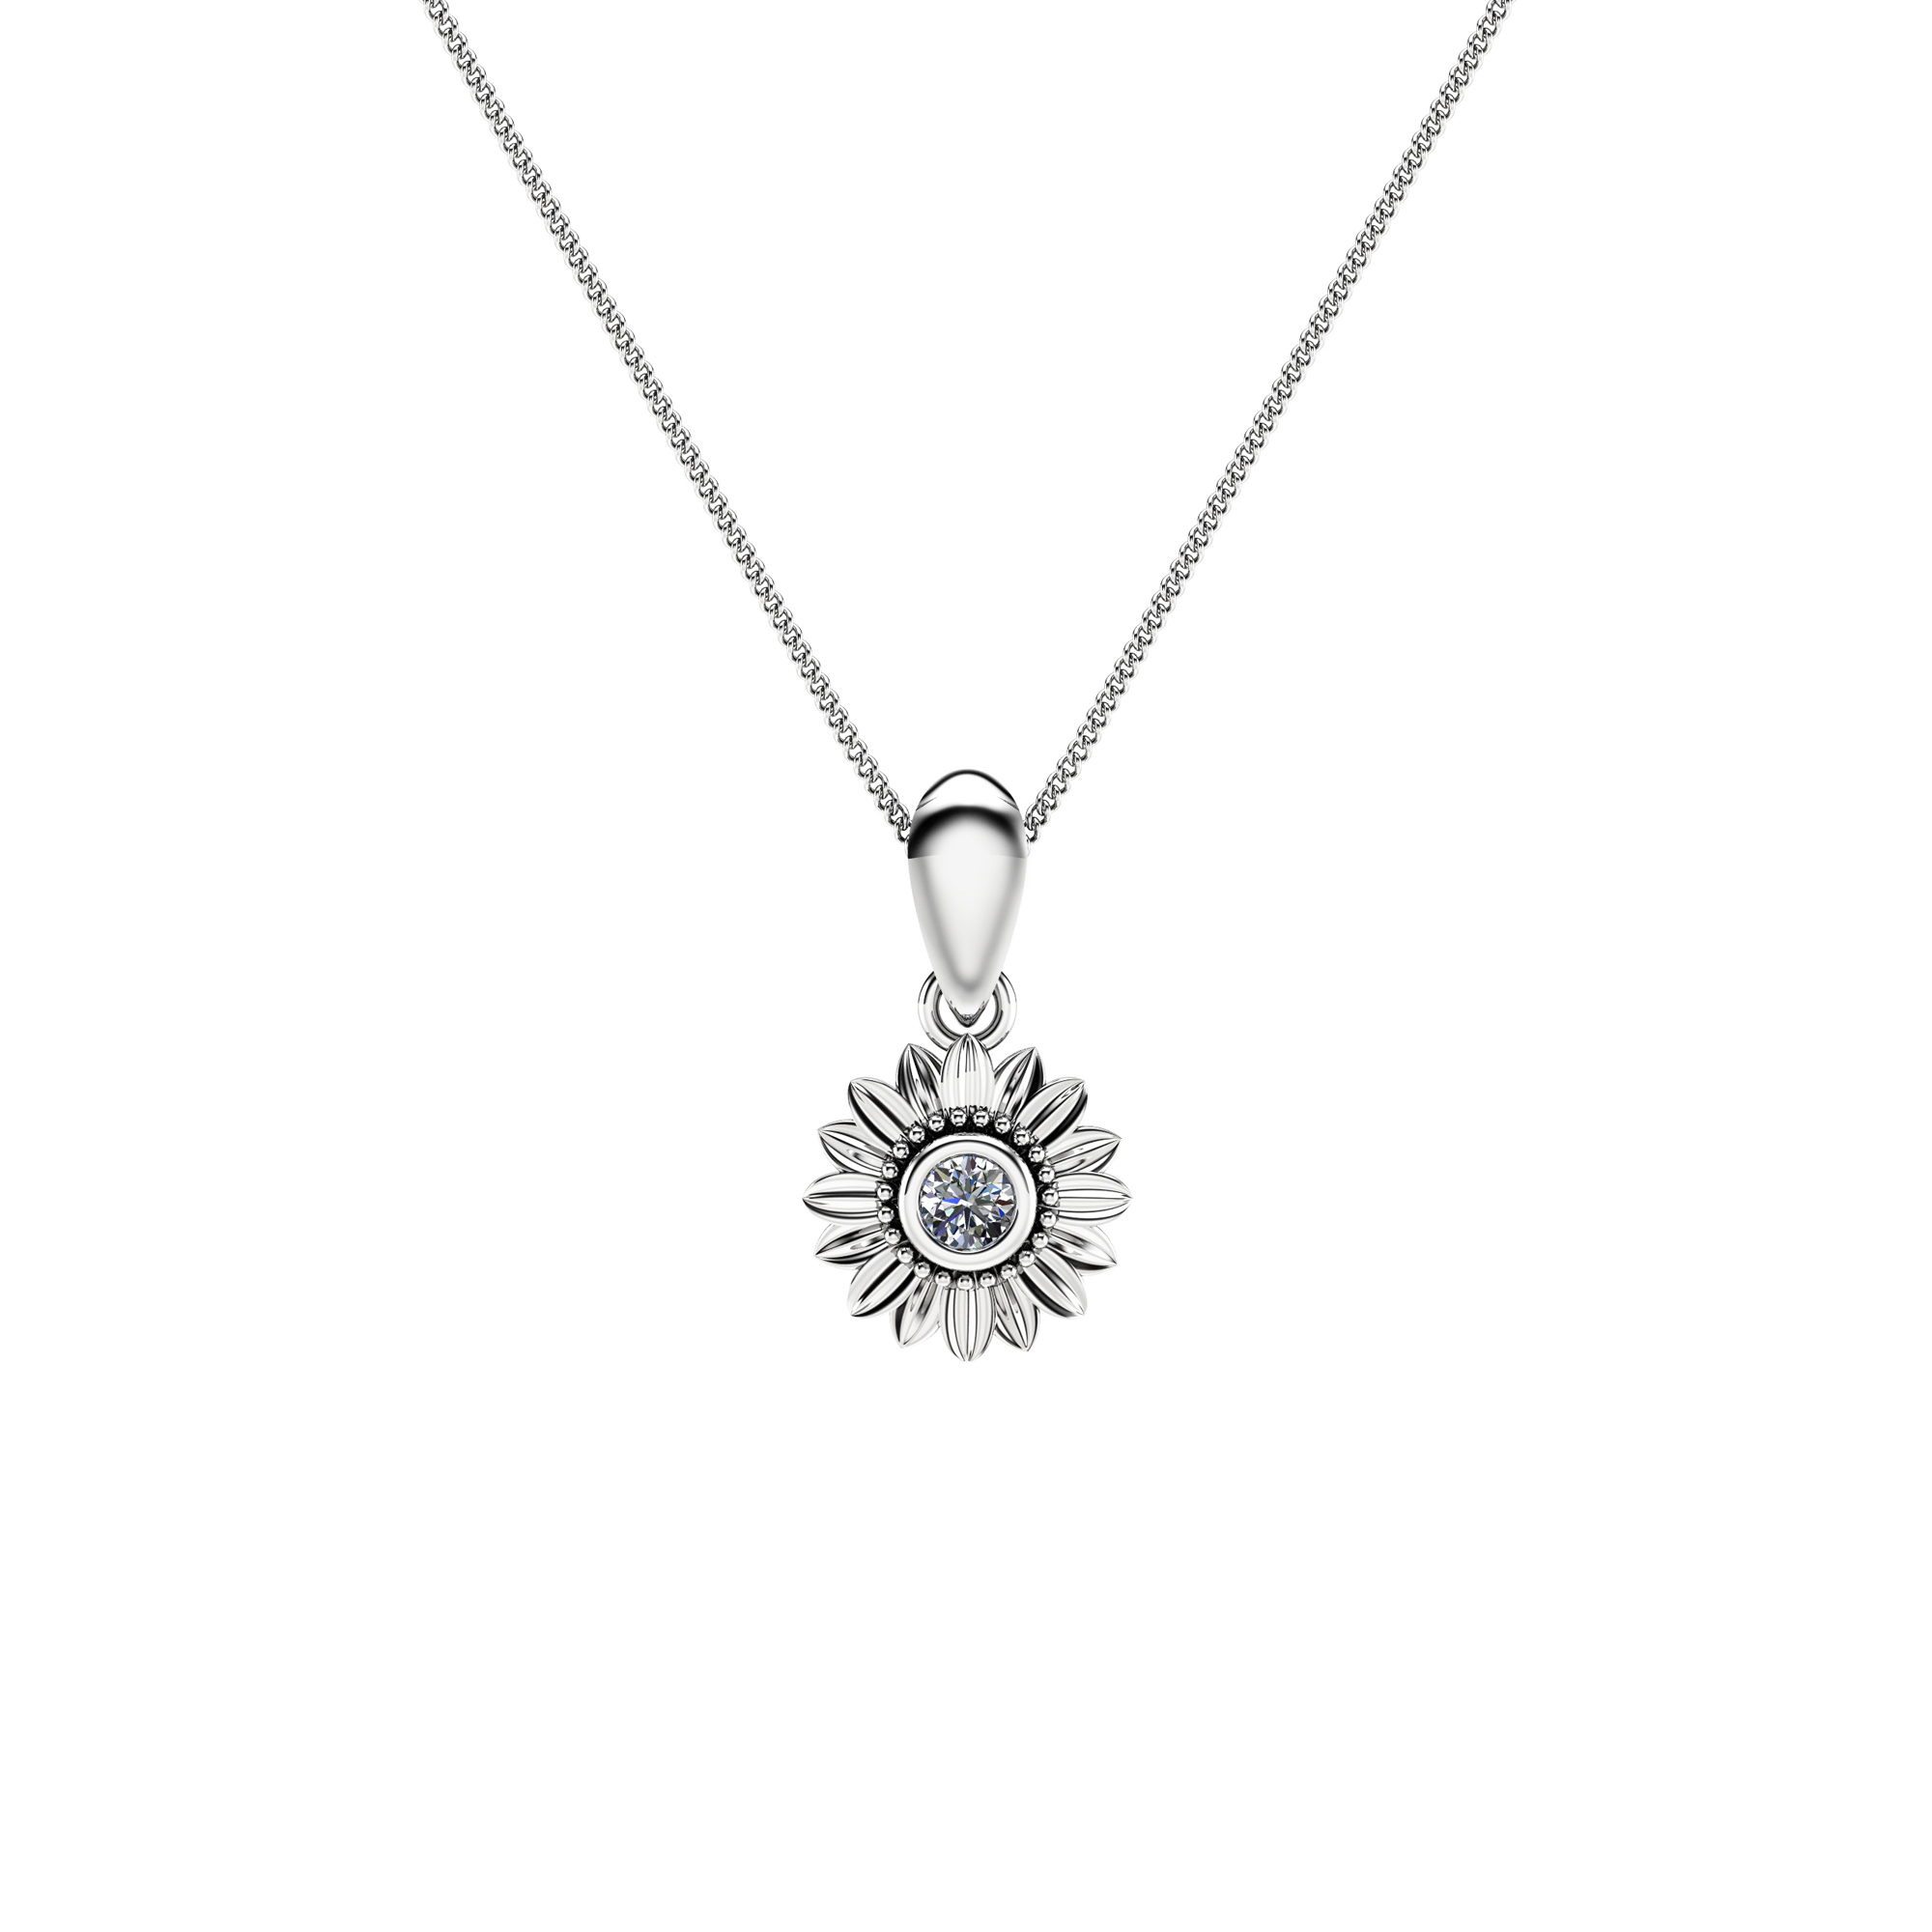 Sunflower Diamond Pendant 14K White Gold Bridal Jewelry Nature Inspired Pendant Anniversary Gift